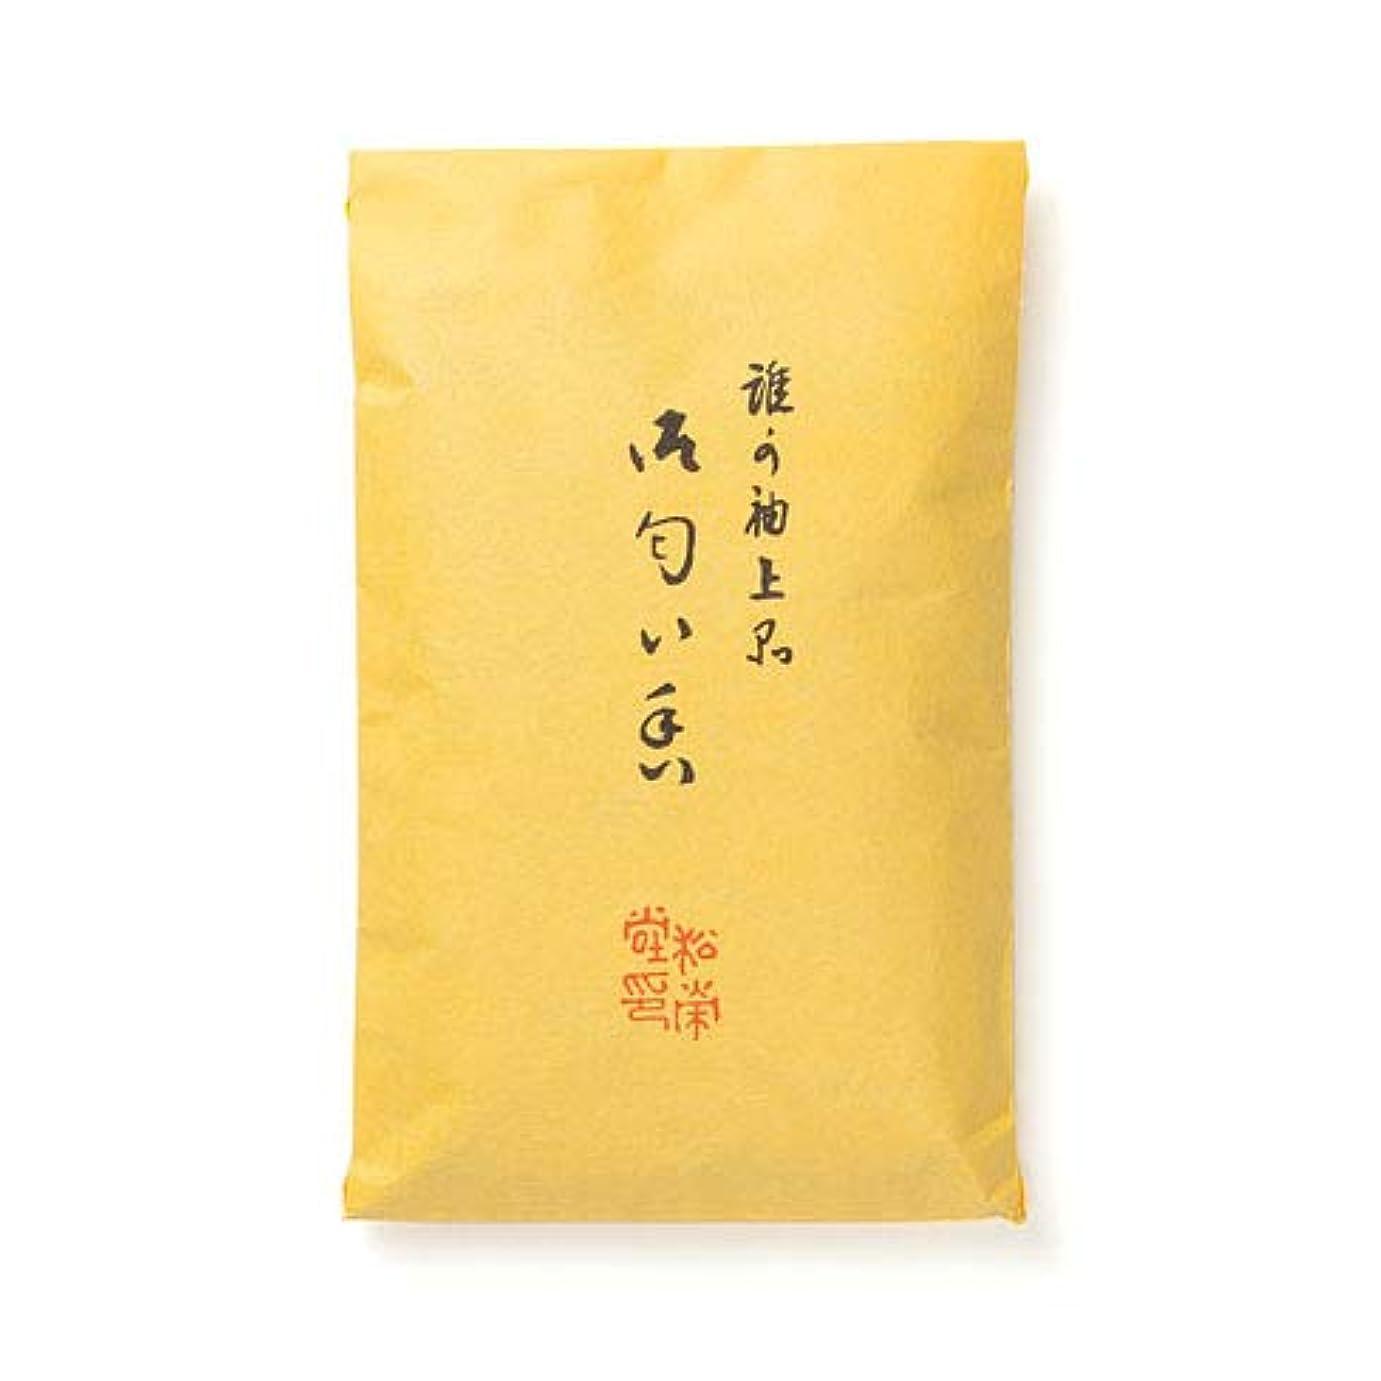 葉を拾うミシン目平野松栄堂 誰が袖 上品 匂い香 50g袋入